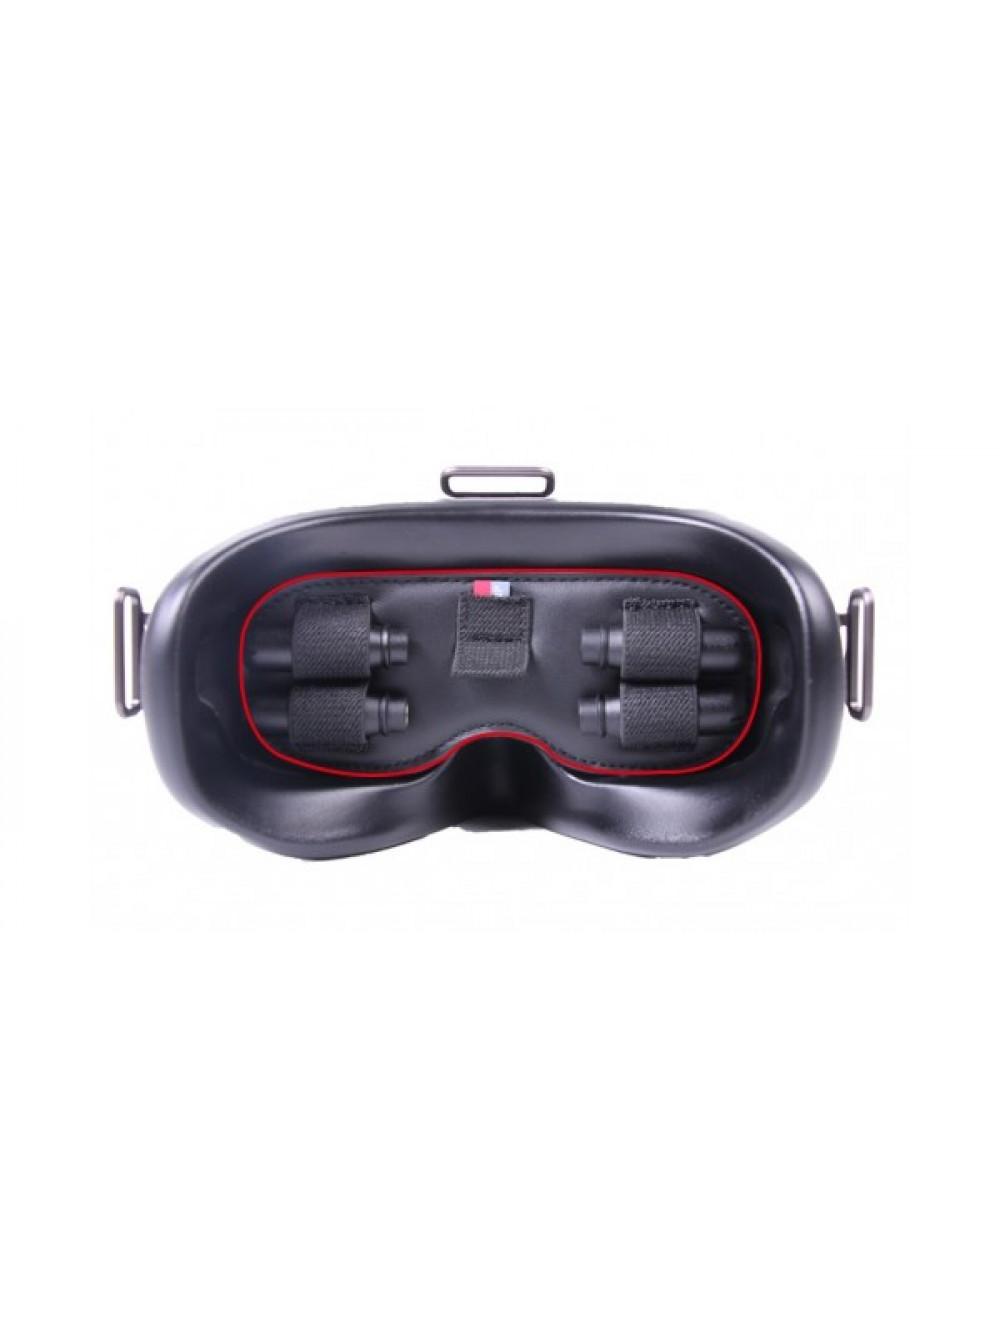 Защитный чехол Sunnylife FV-Q9307 для очков DJI FPV Flight